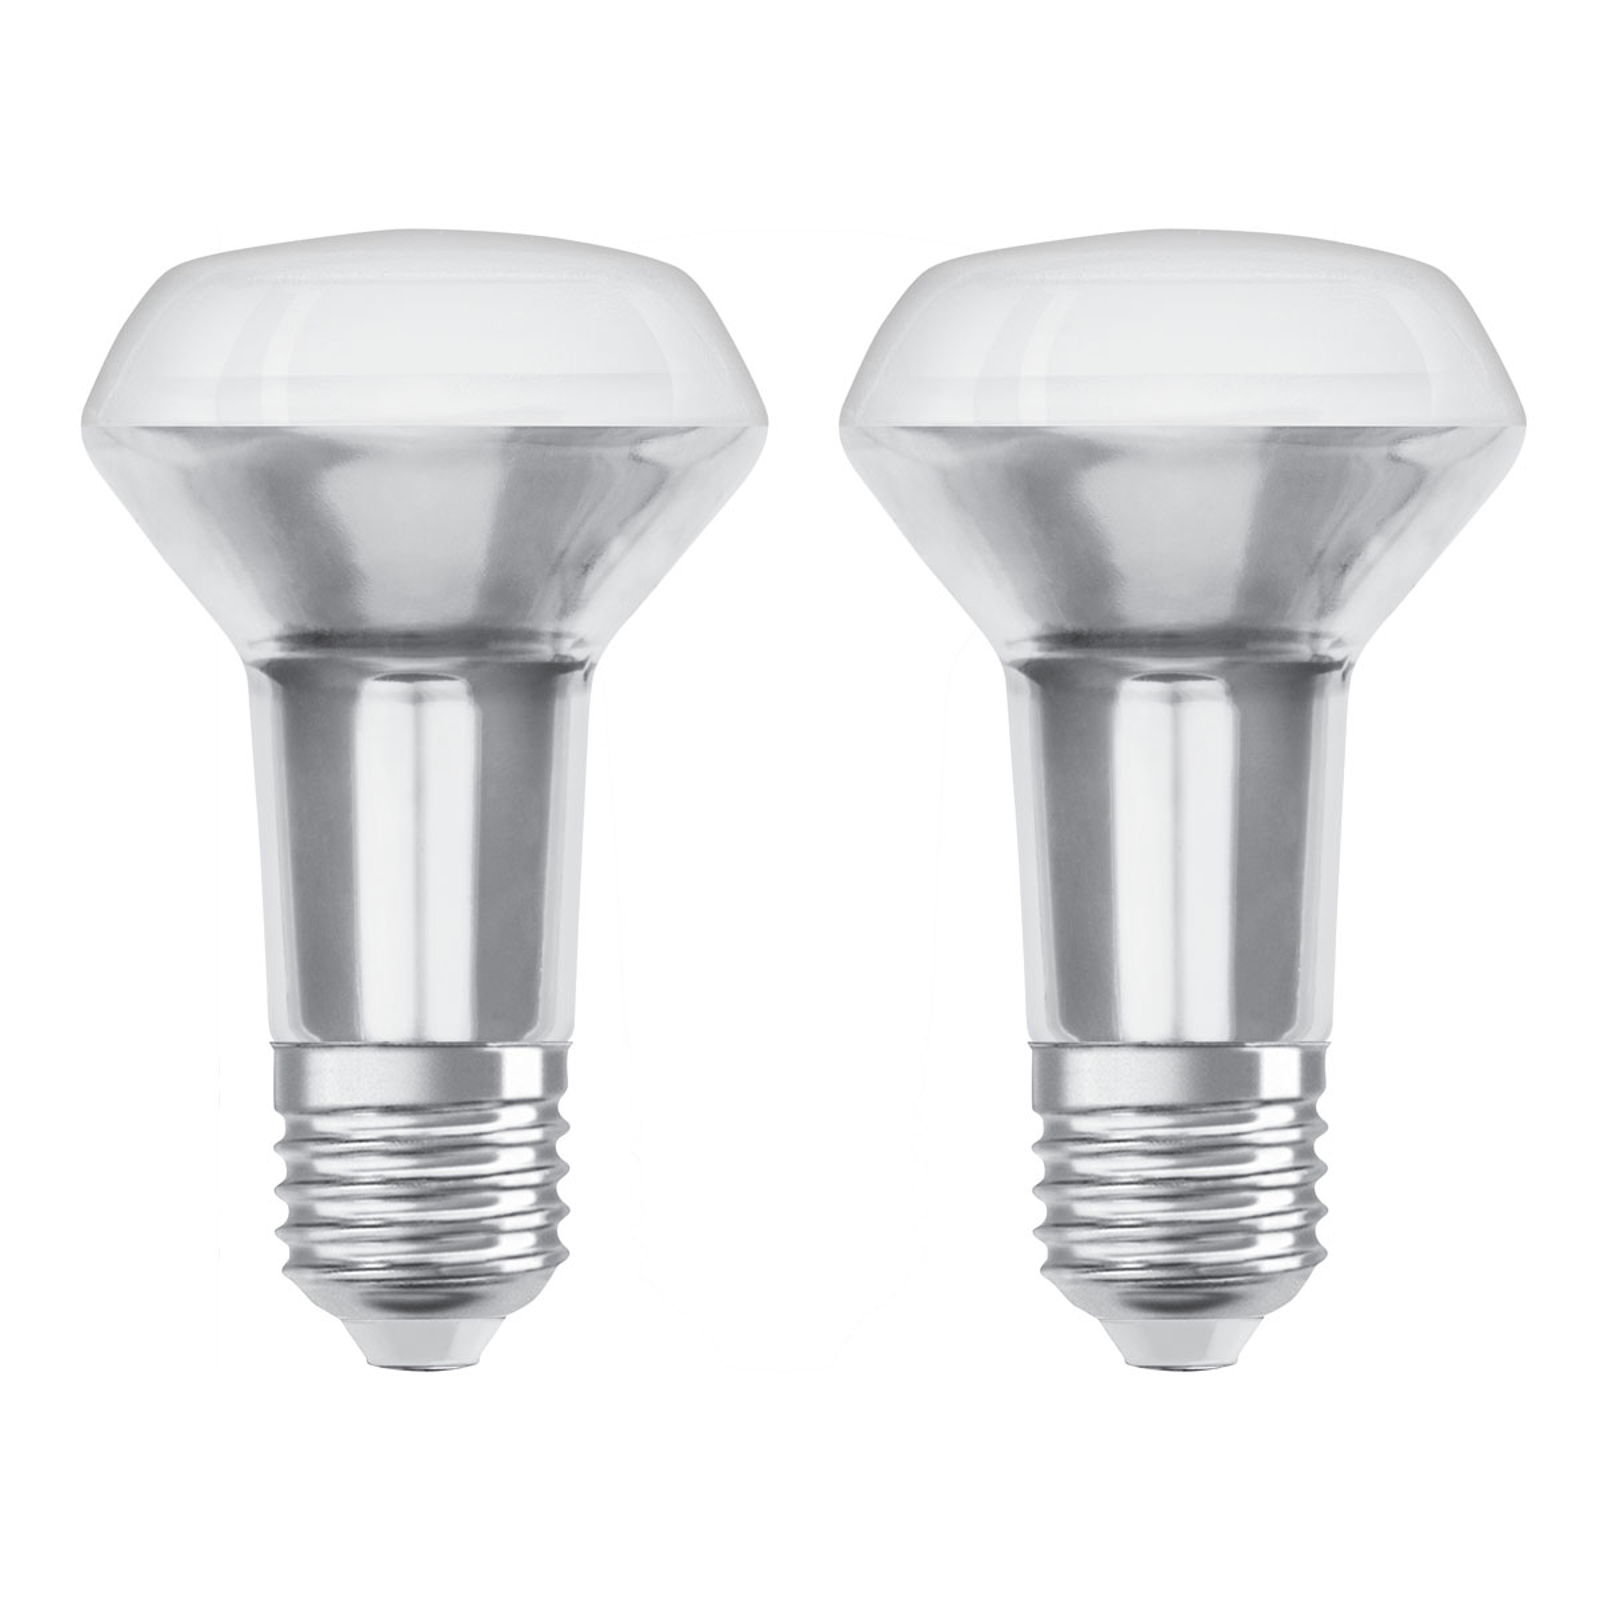 OSRAM LED-Reflektor E27 3,3W 2.700K 36° 2er-Pack